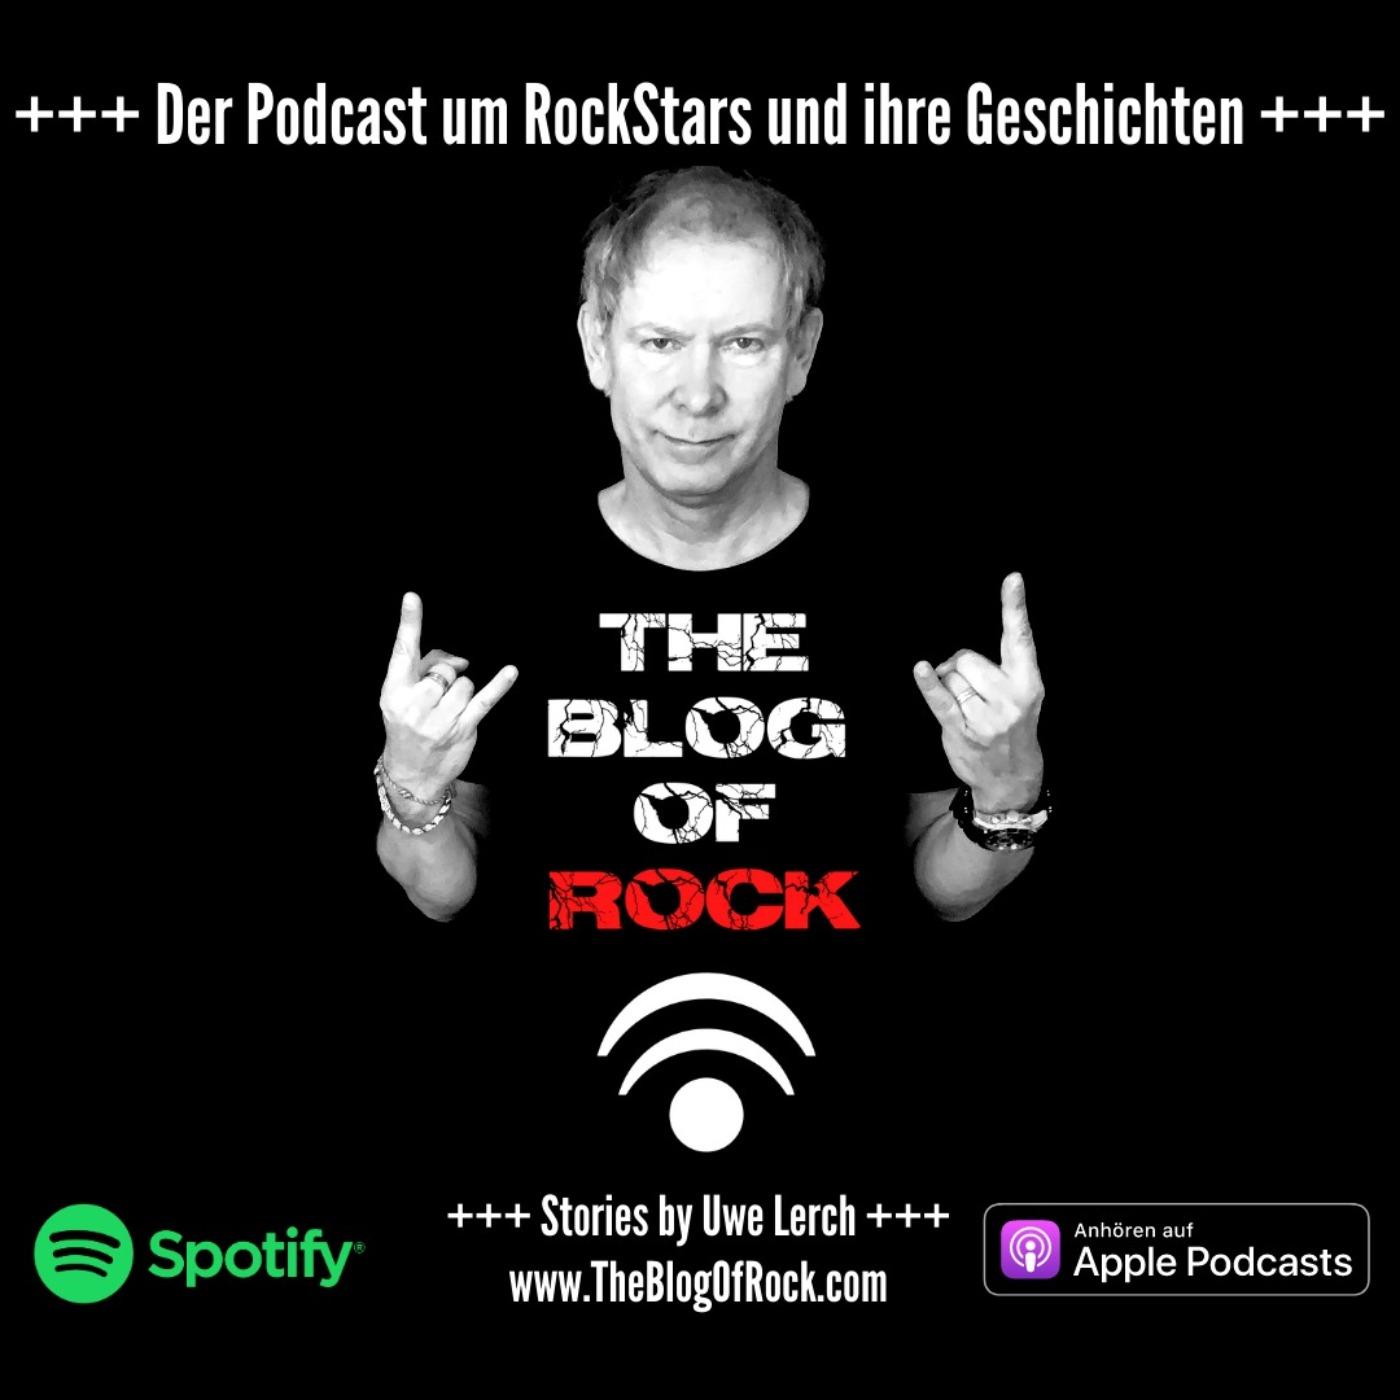 Full Podcast Trailer